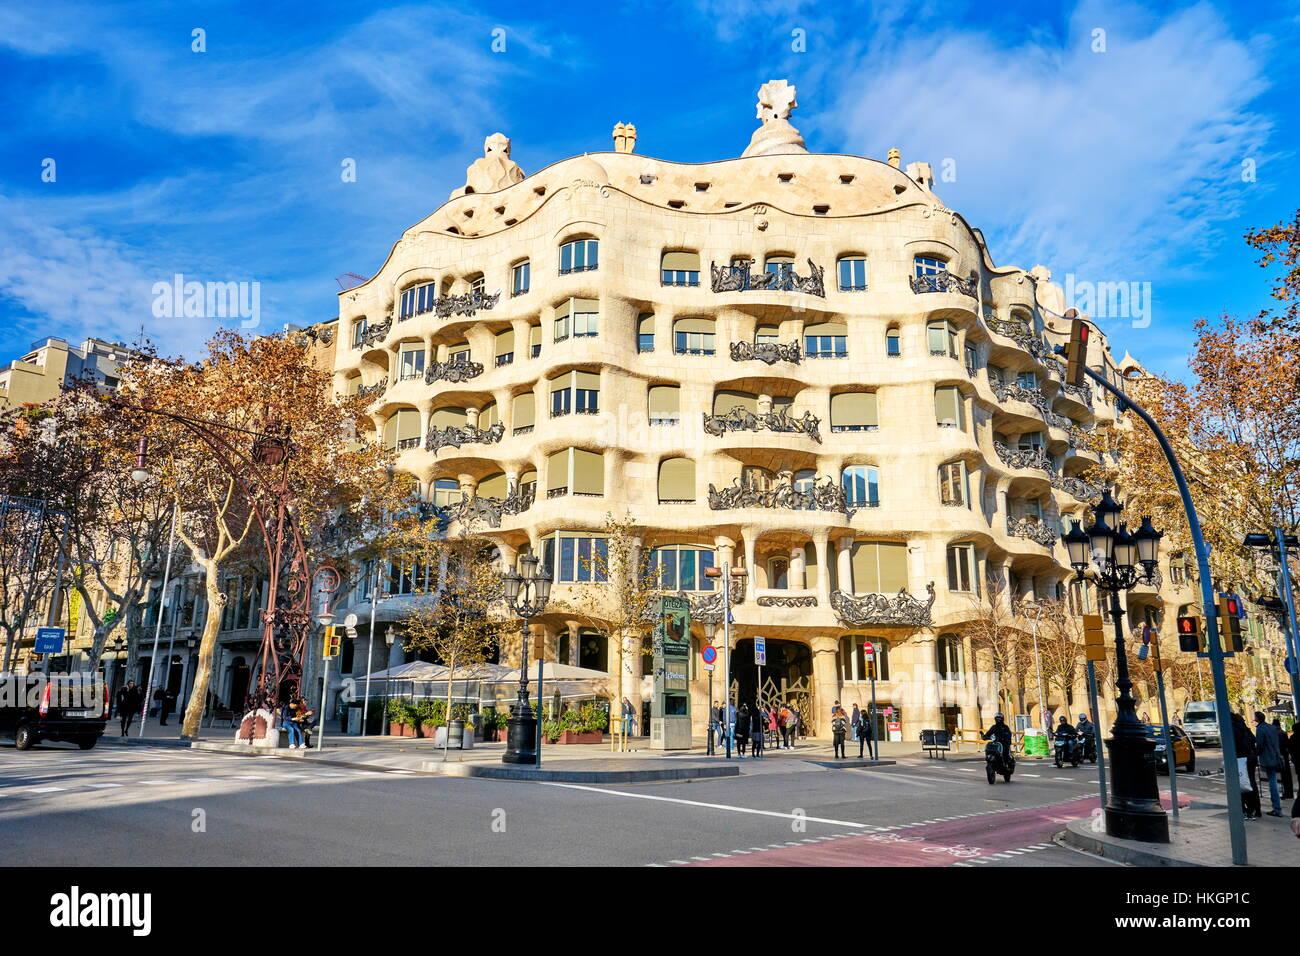 Diseño de edificio de La Pedrera de Antoni Gaudí, Barcelona, Cataluña, España Imagen De Stock